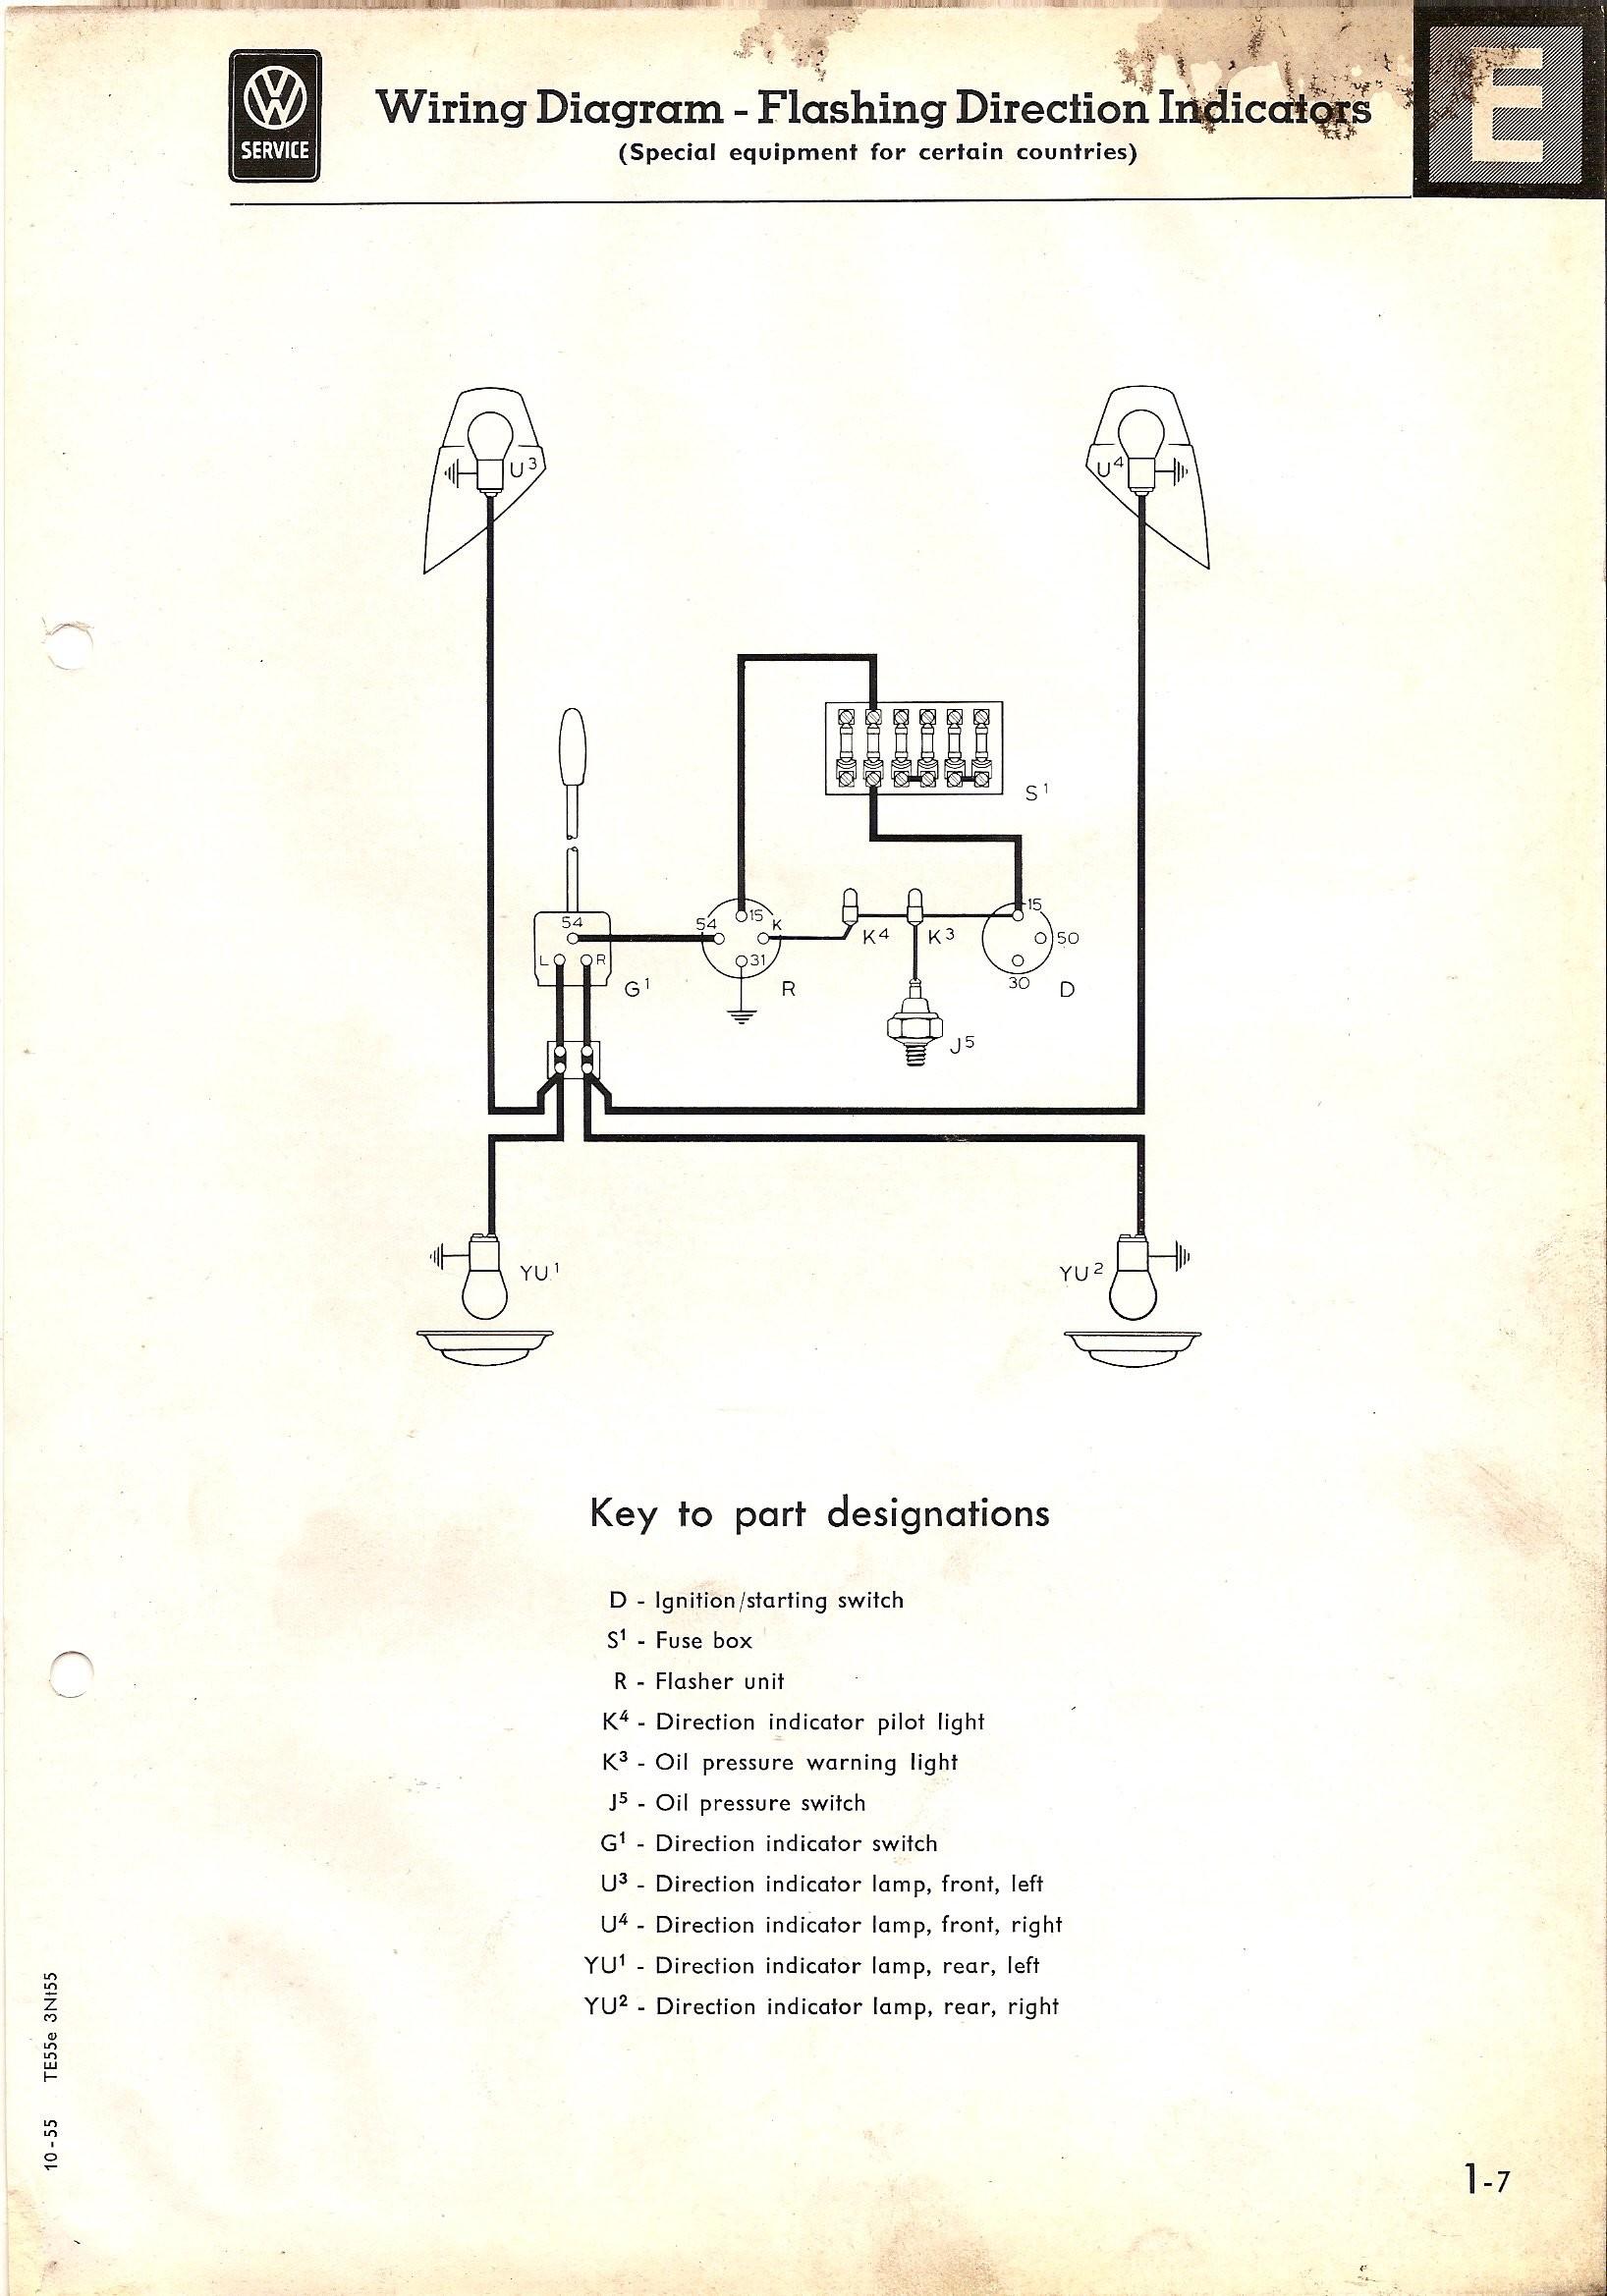 Brake and Turn Signal Wiring Diagram thesamba Type 2 Wiring Diagrams Of Brake and Turn Signal Wiring Diagram